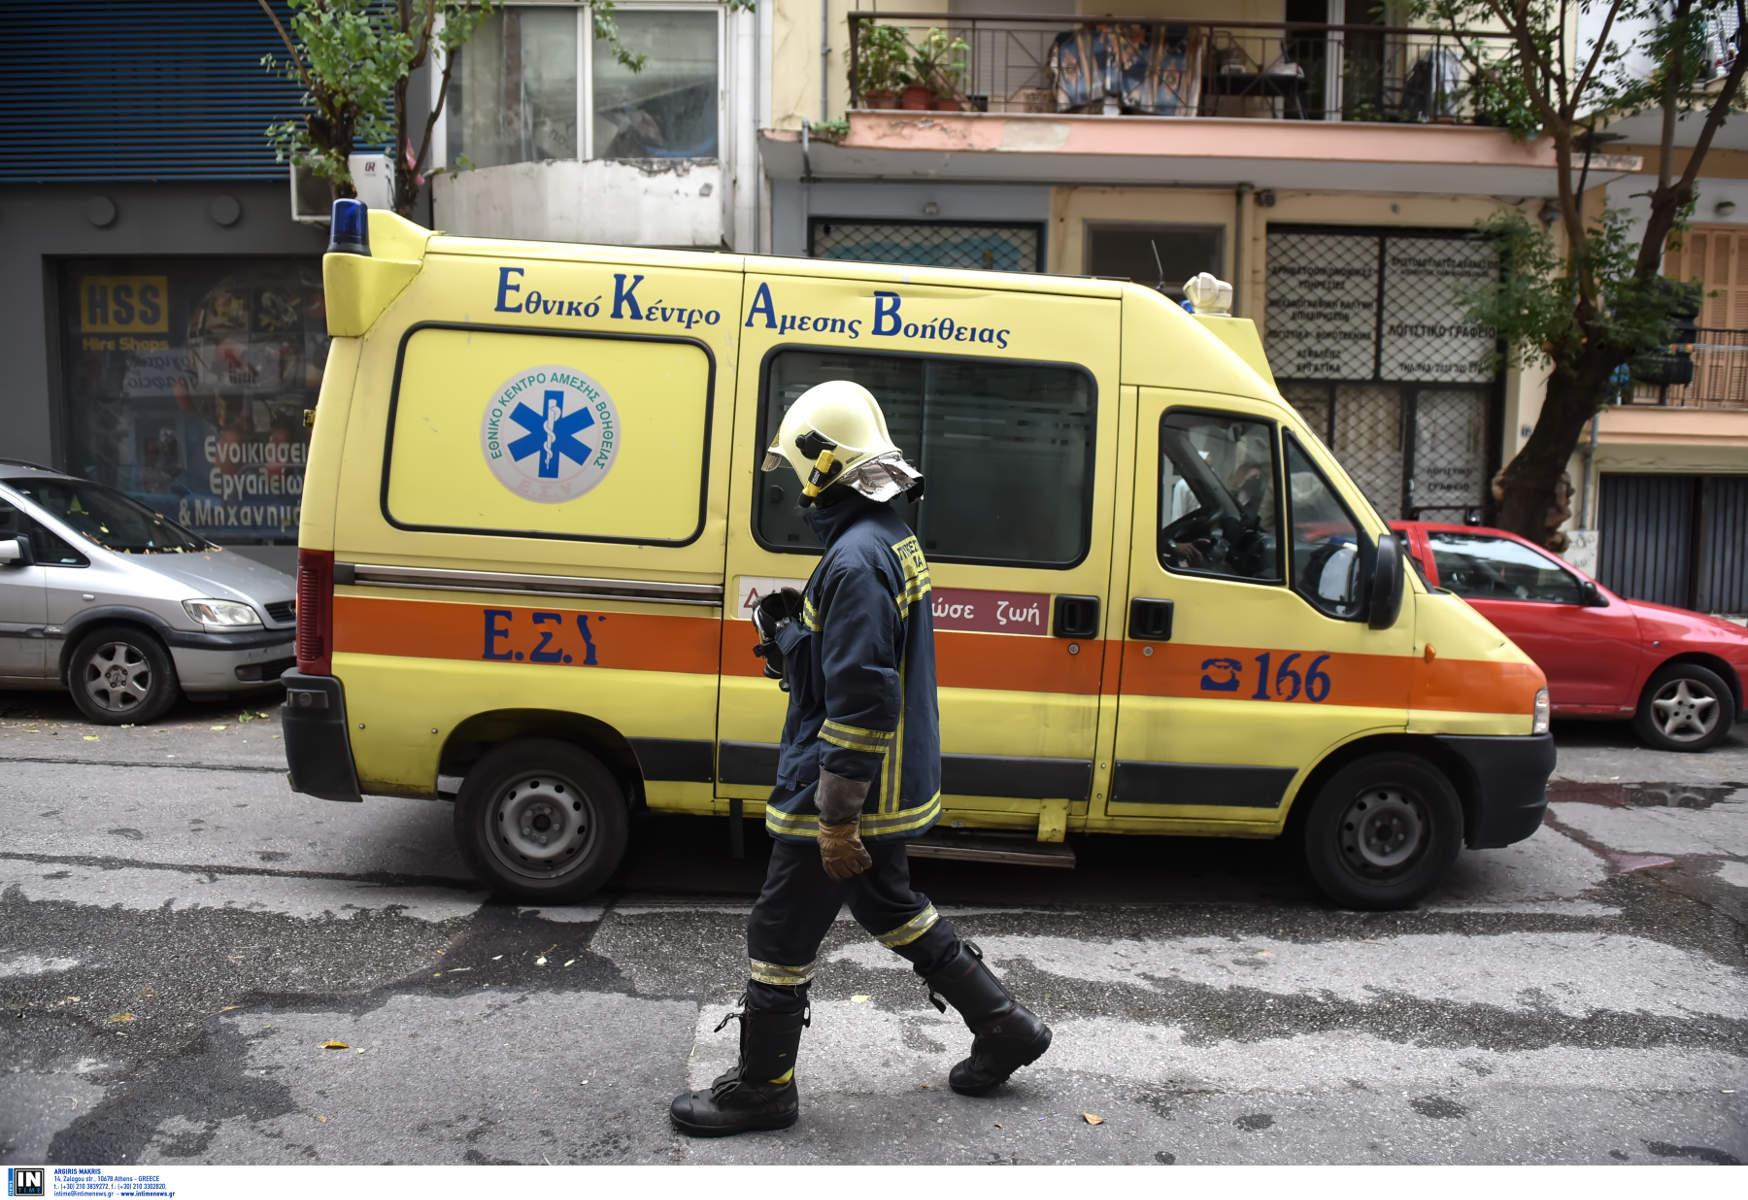 Πάργα: Κάηκε ζωντανός μέσα στο σπίτι του – Τραγωδία σε φλεγόμενη μονοκατοικία